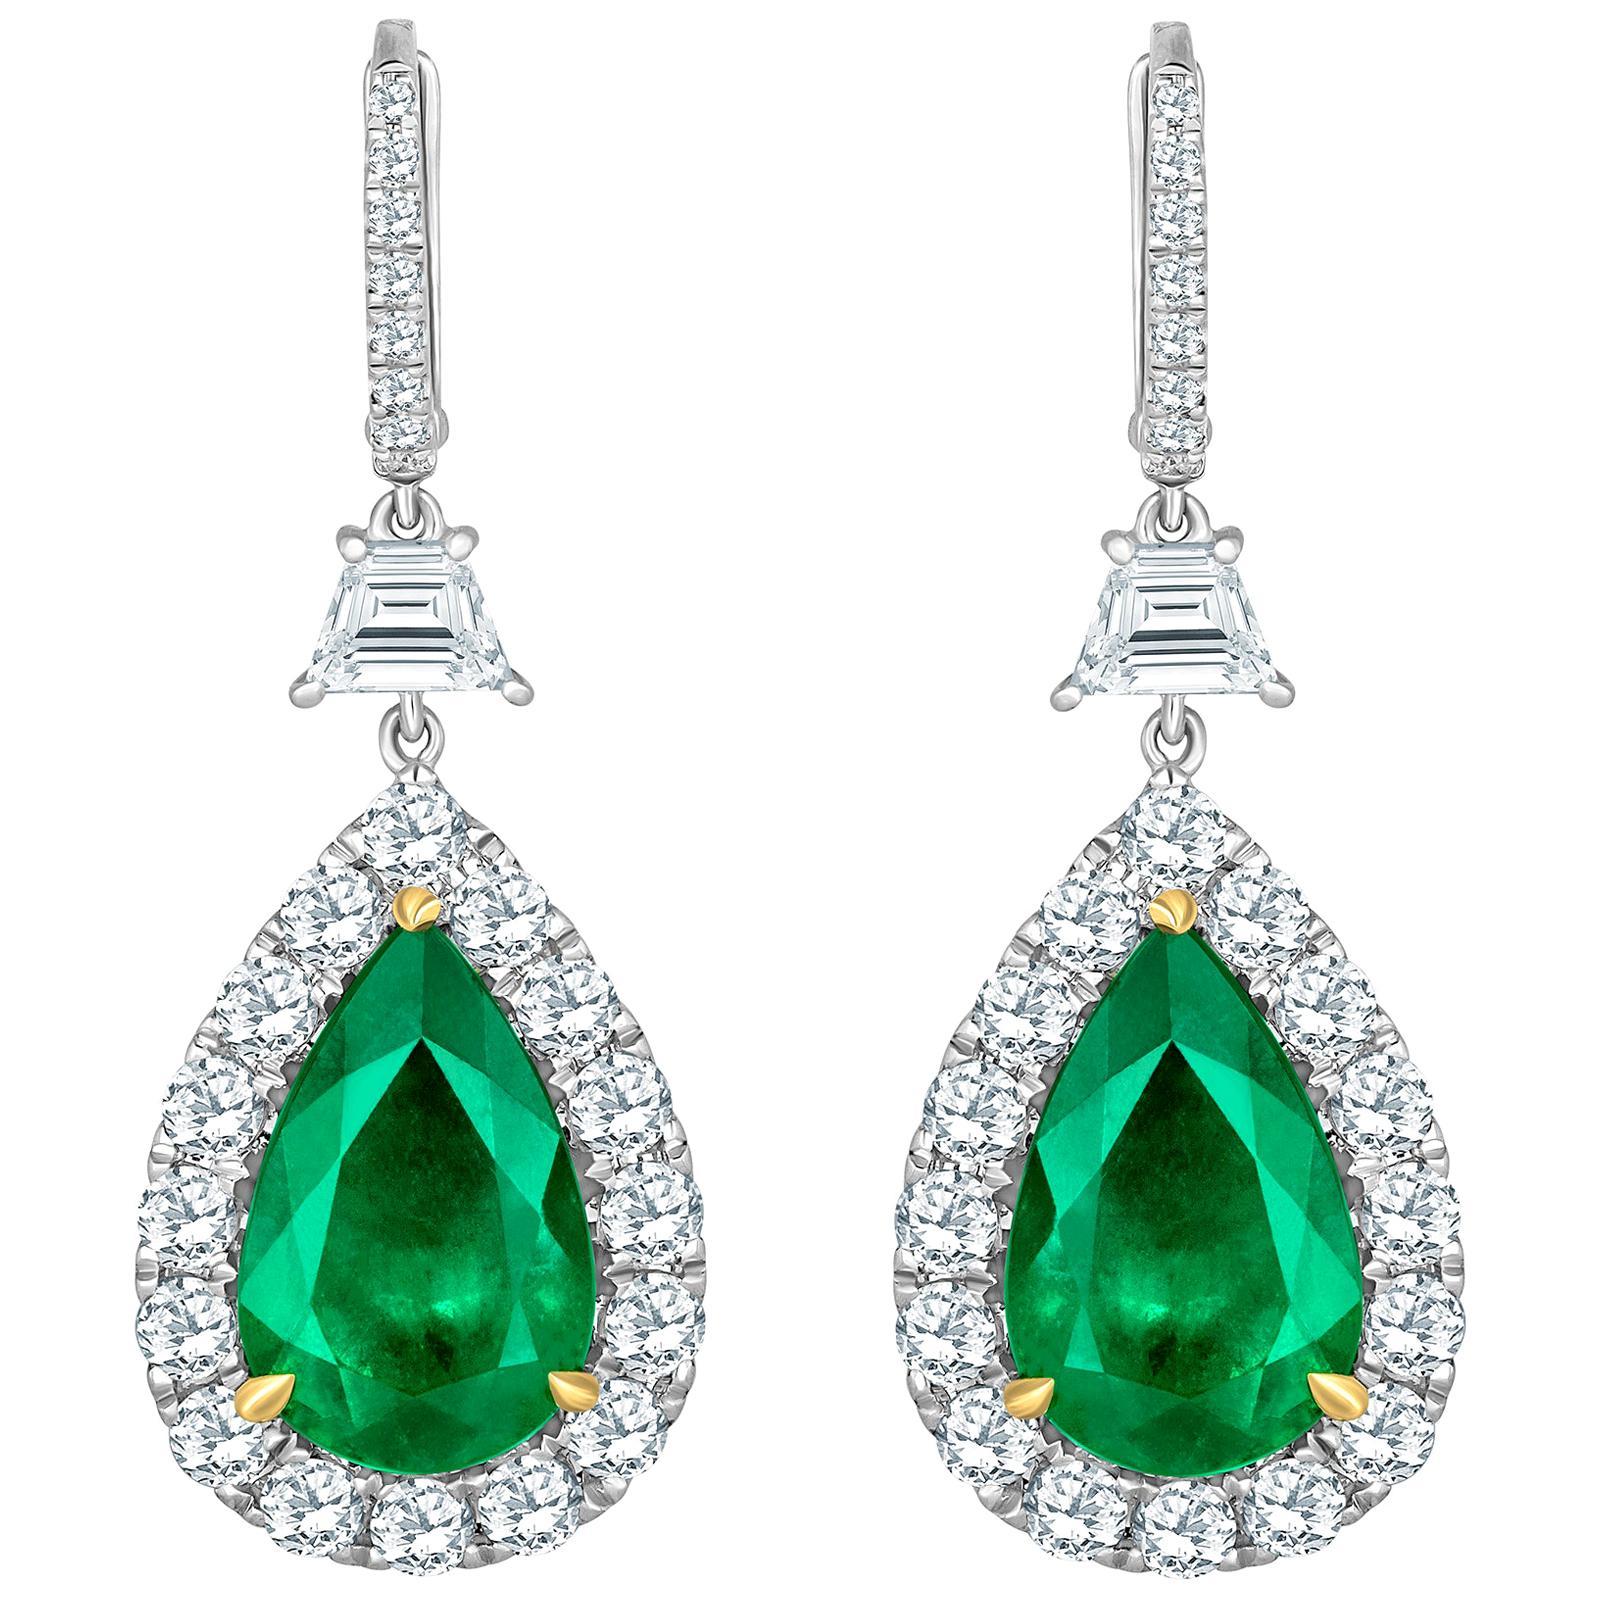 Emilio Jewelry Certified 14.02 Carat Vivid Green Colombian Emerald Earrings